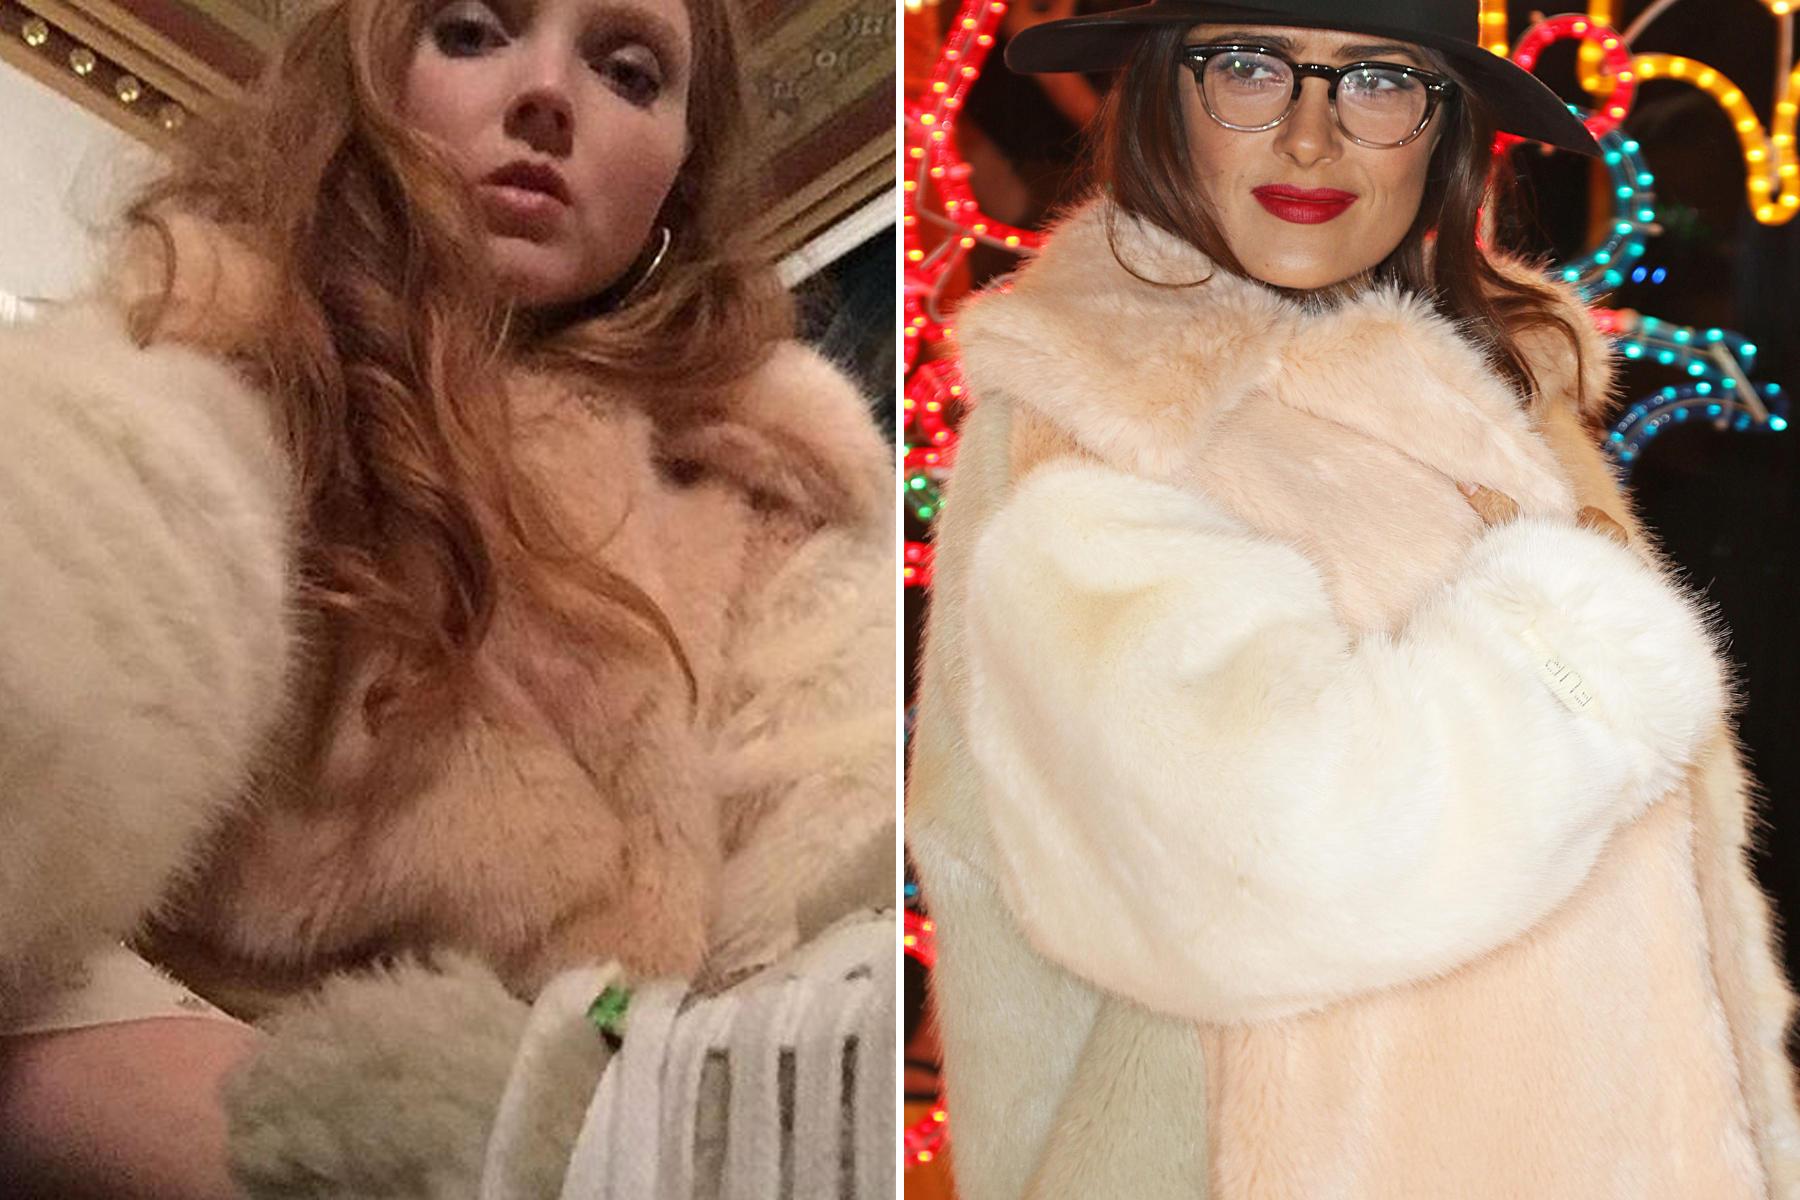 """179 Zentimeter Körpergröße und der Kuschellook macht Sinn: Das britische Model Lily Cole zog kurzerhand das Geschenk über ihr transparentes Feenkleid, zu dem sie Sneakers trug. Und Salma Hayek fühlte sich einfach wohl im """"Wren Coat"""" aus der aktuellen Herbst-Winter-Kollektion von Stella McCartney."""